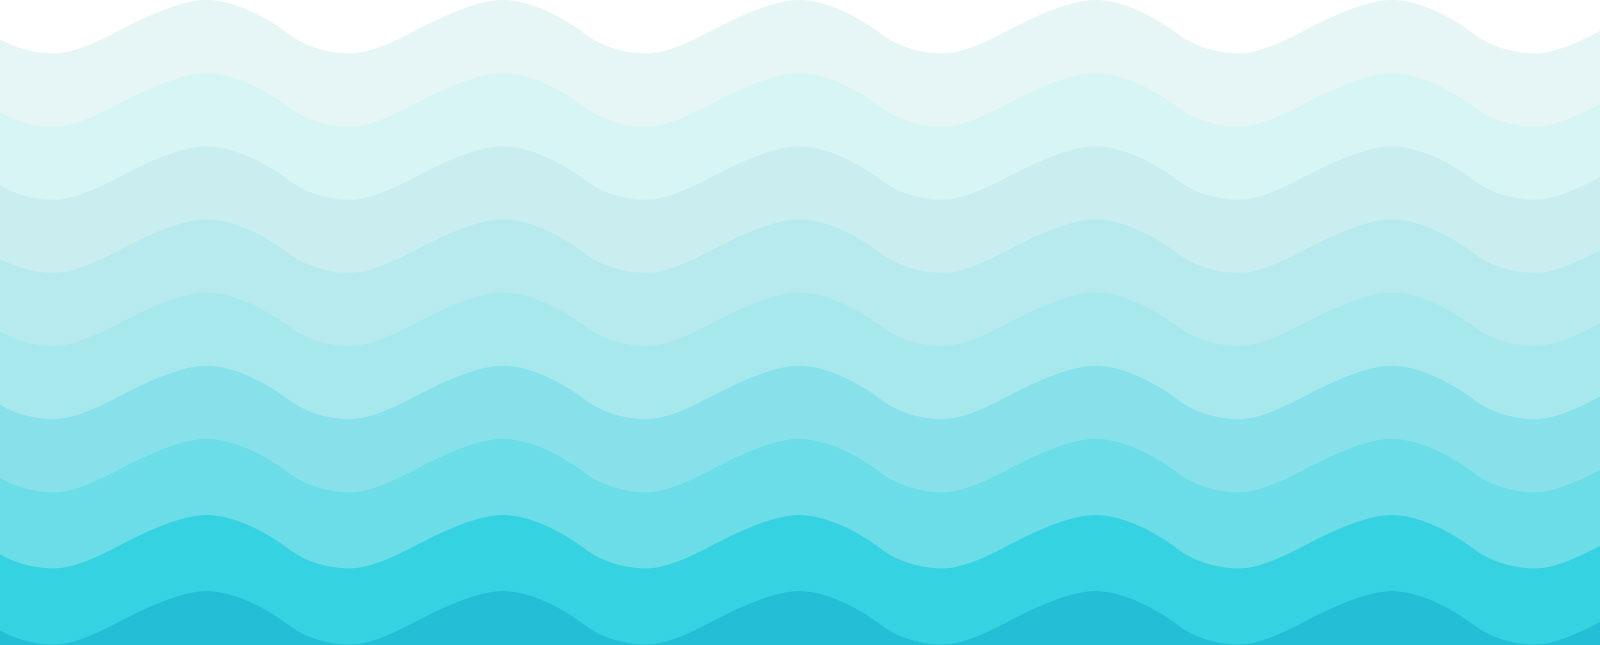 wave-bg-2.jpg